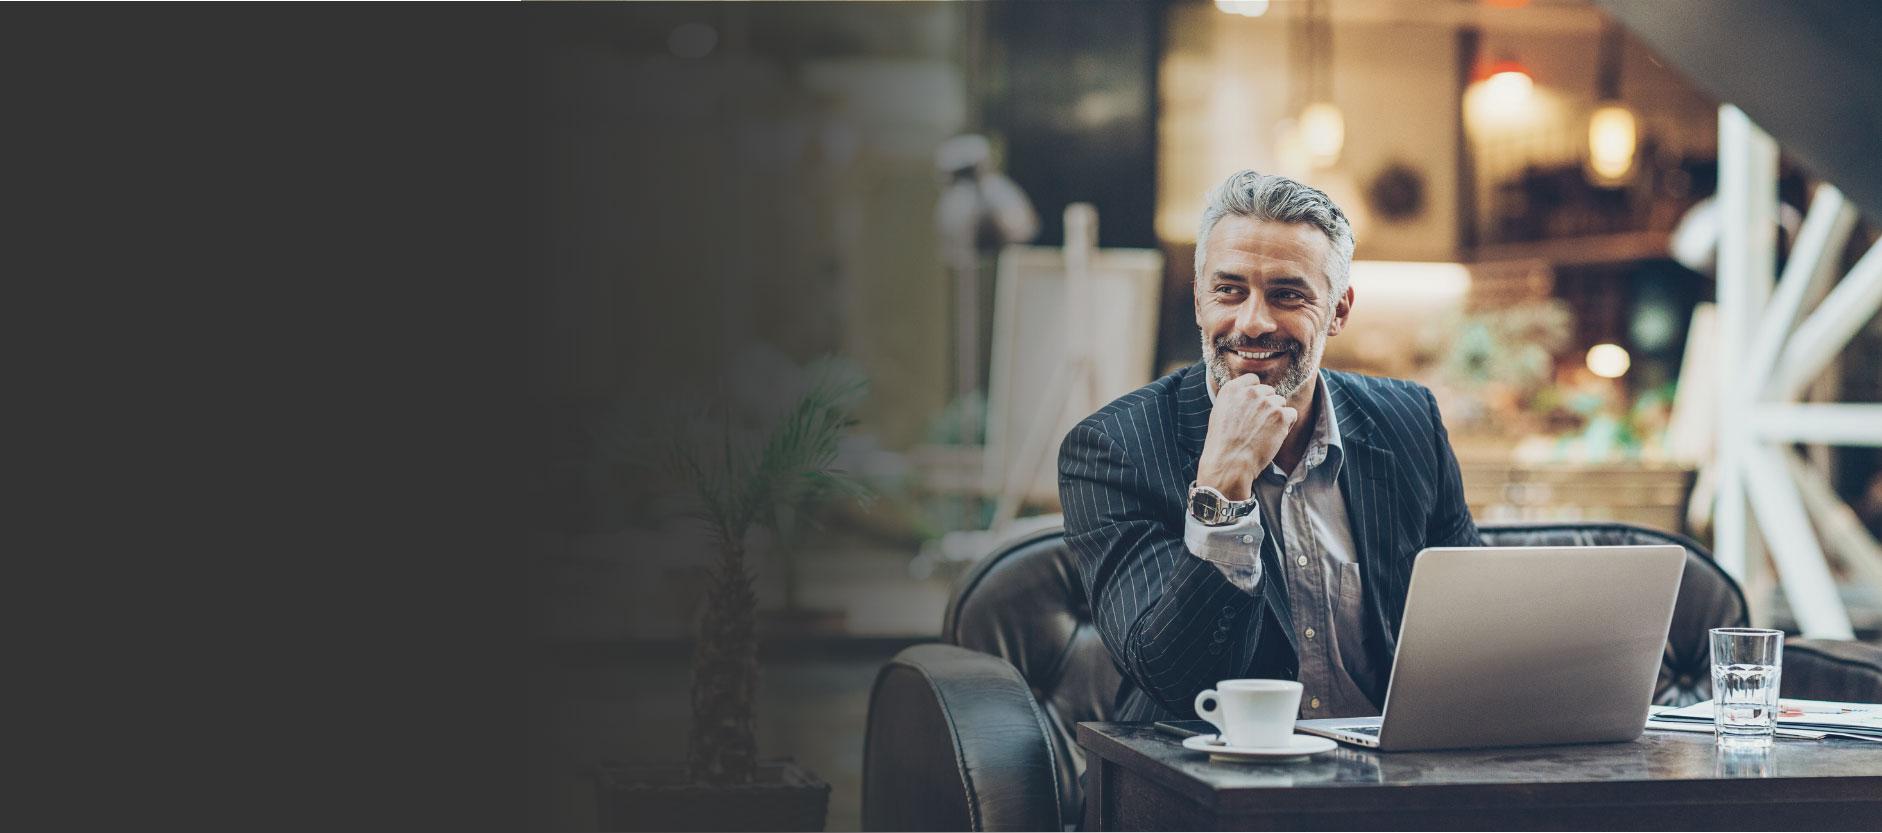 business intelligence background image